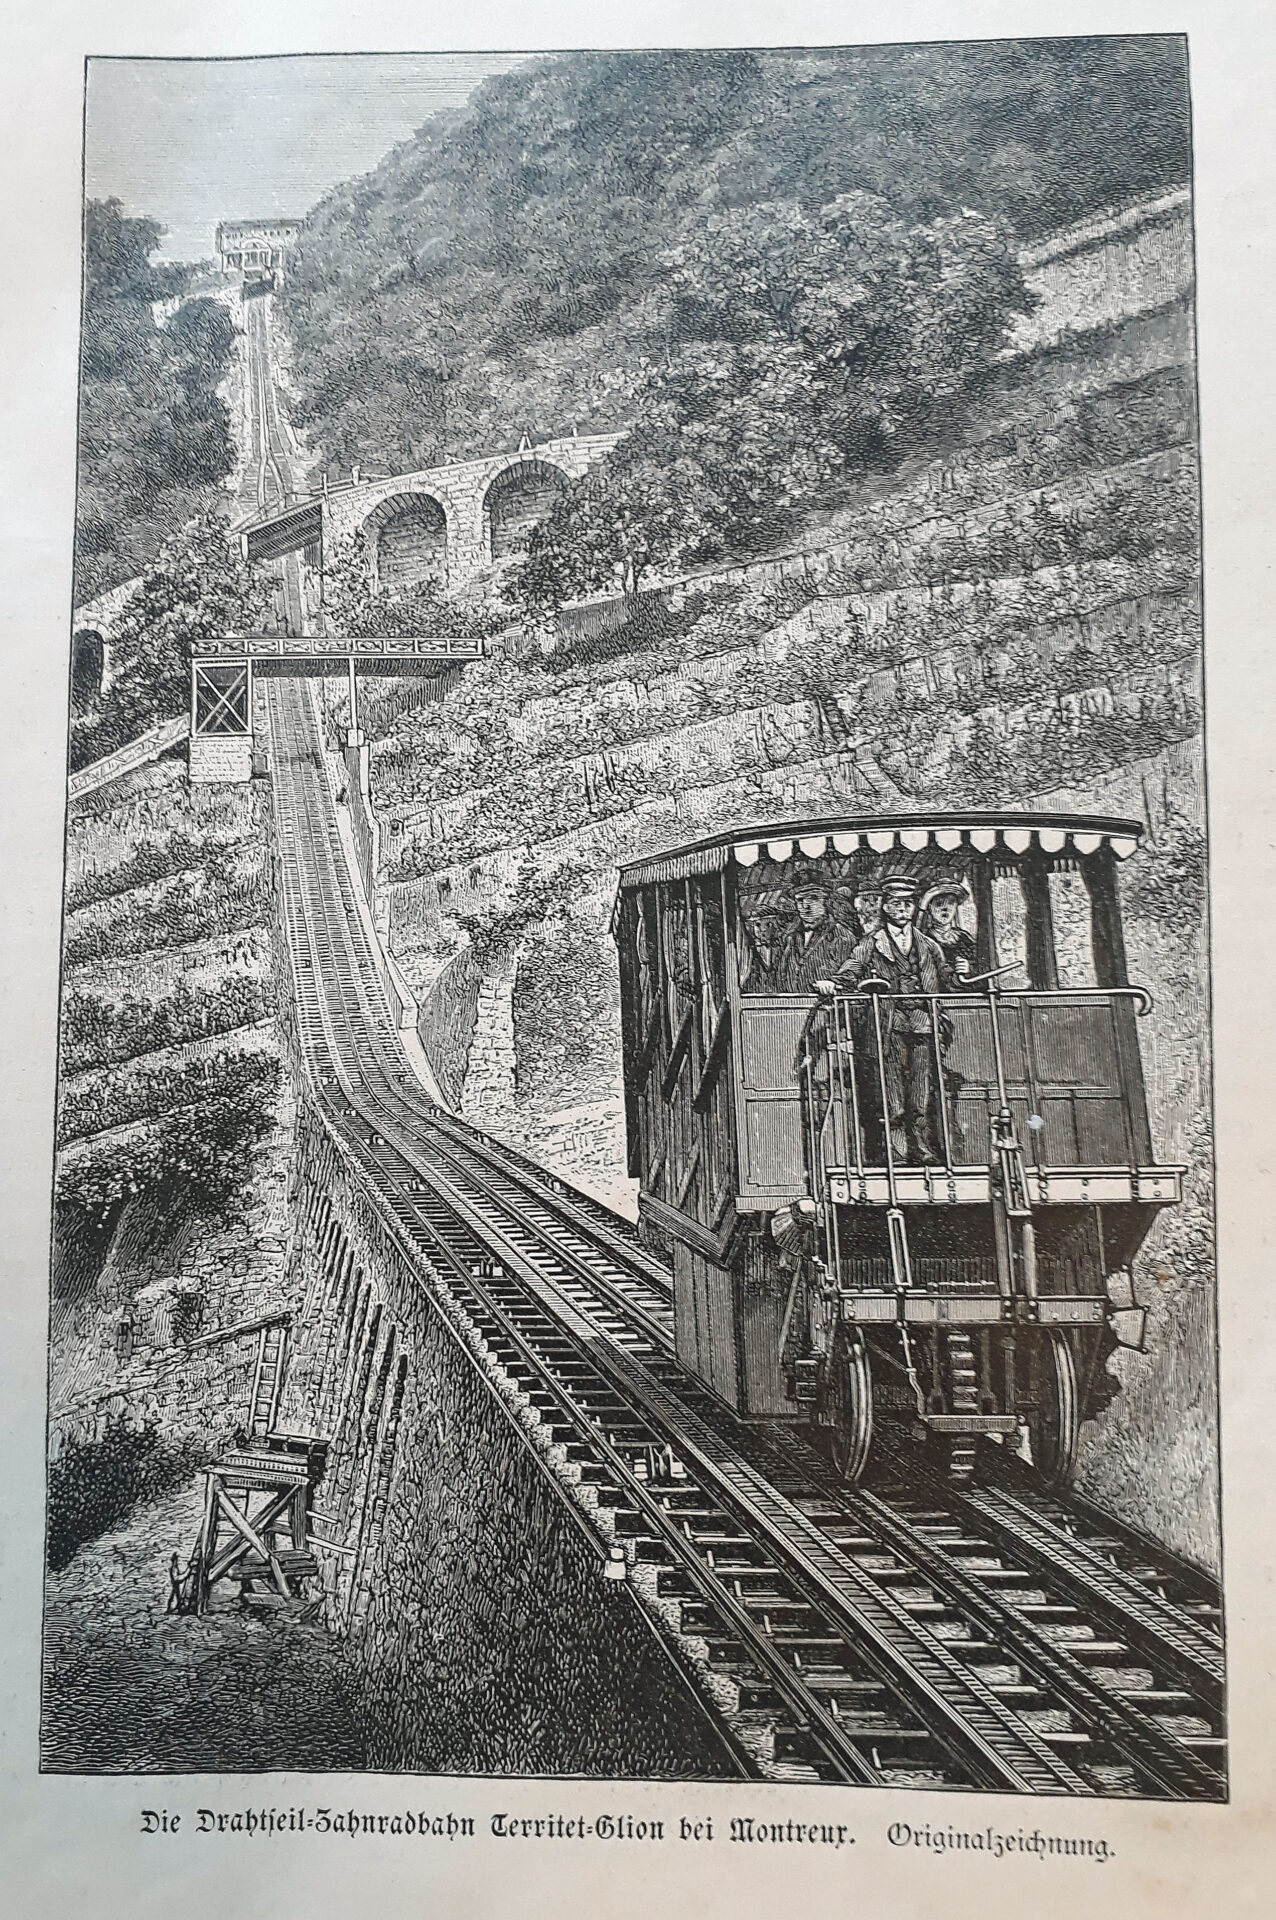 Original-Zeichnung der Drahtseil-Zahnradbahn Territet-Glion bei Montreux 19.Jahrhundert